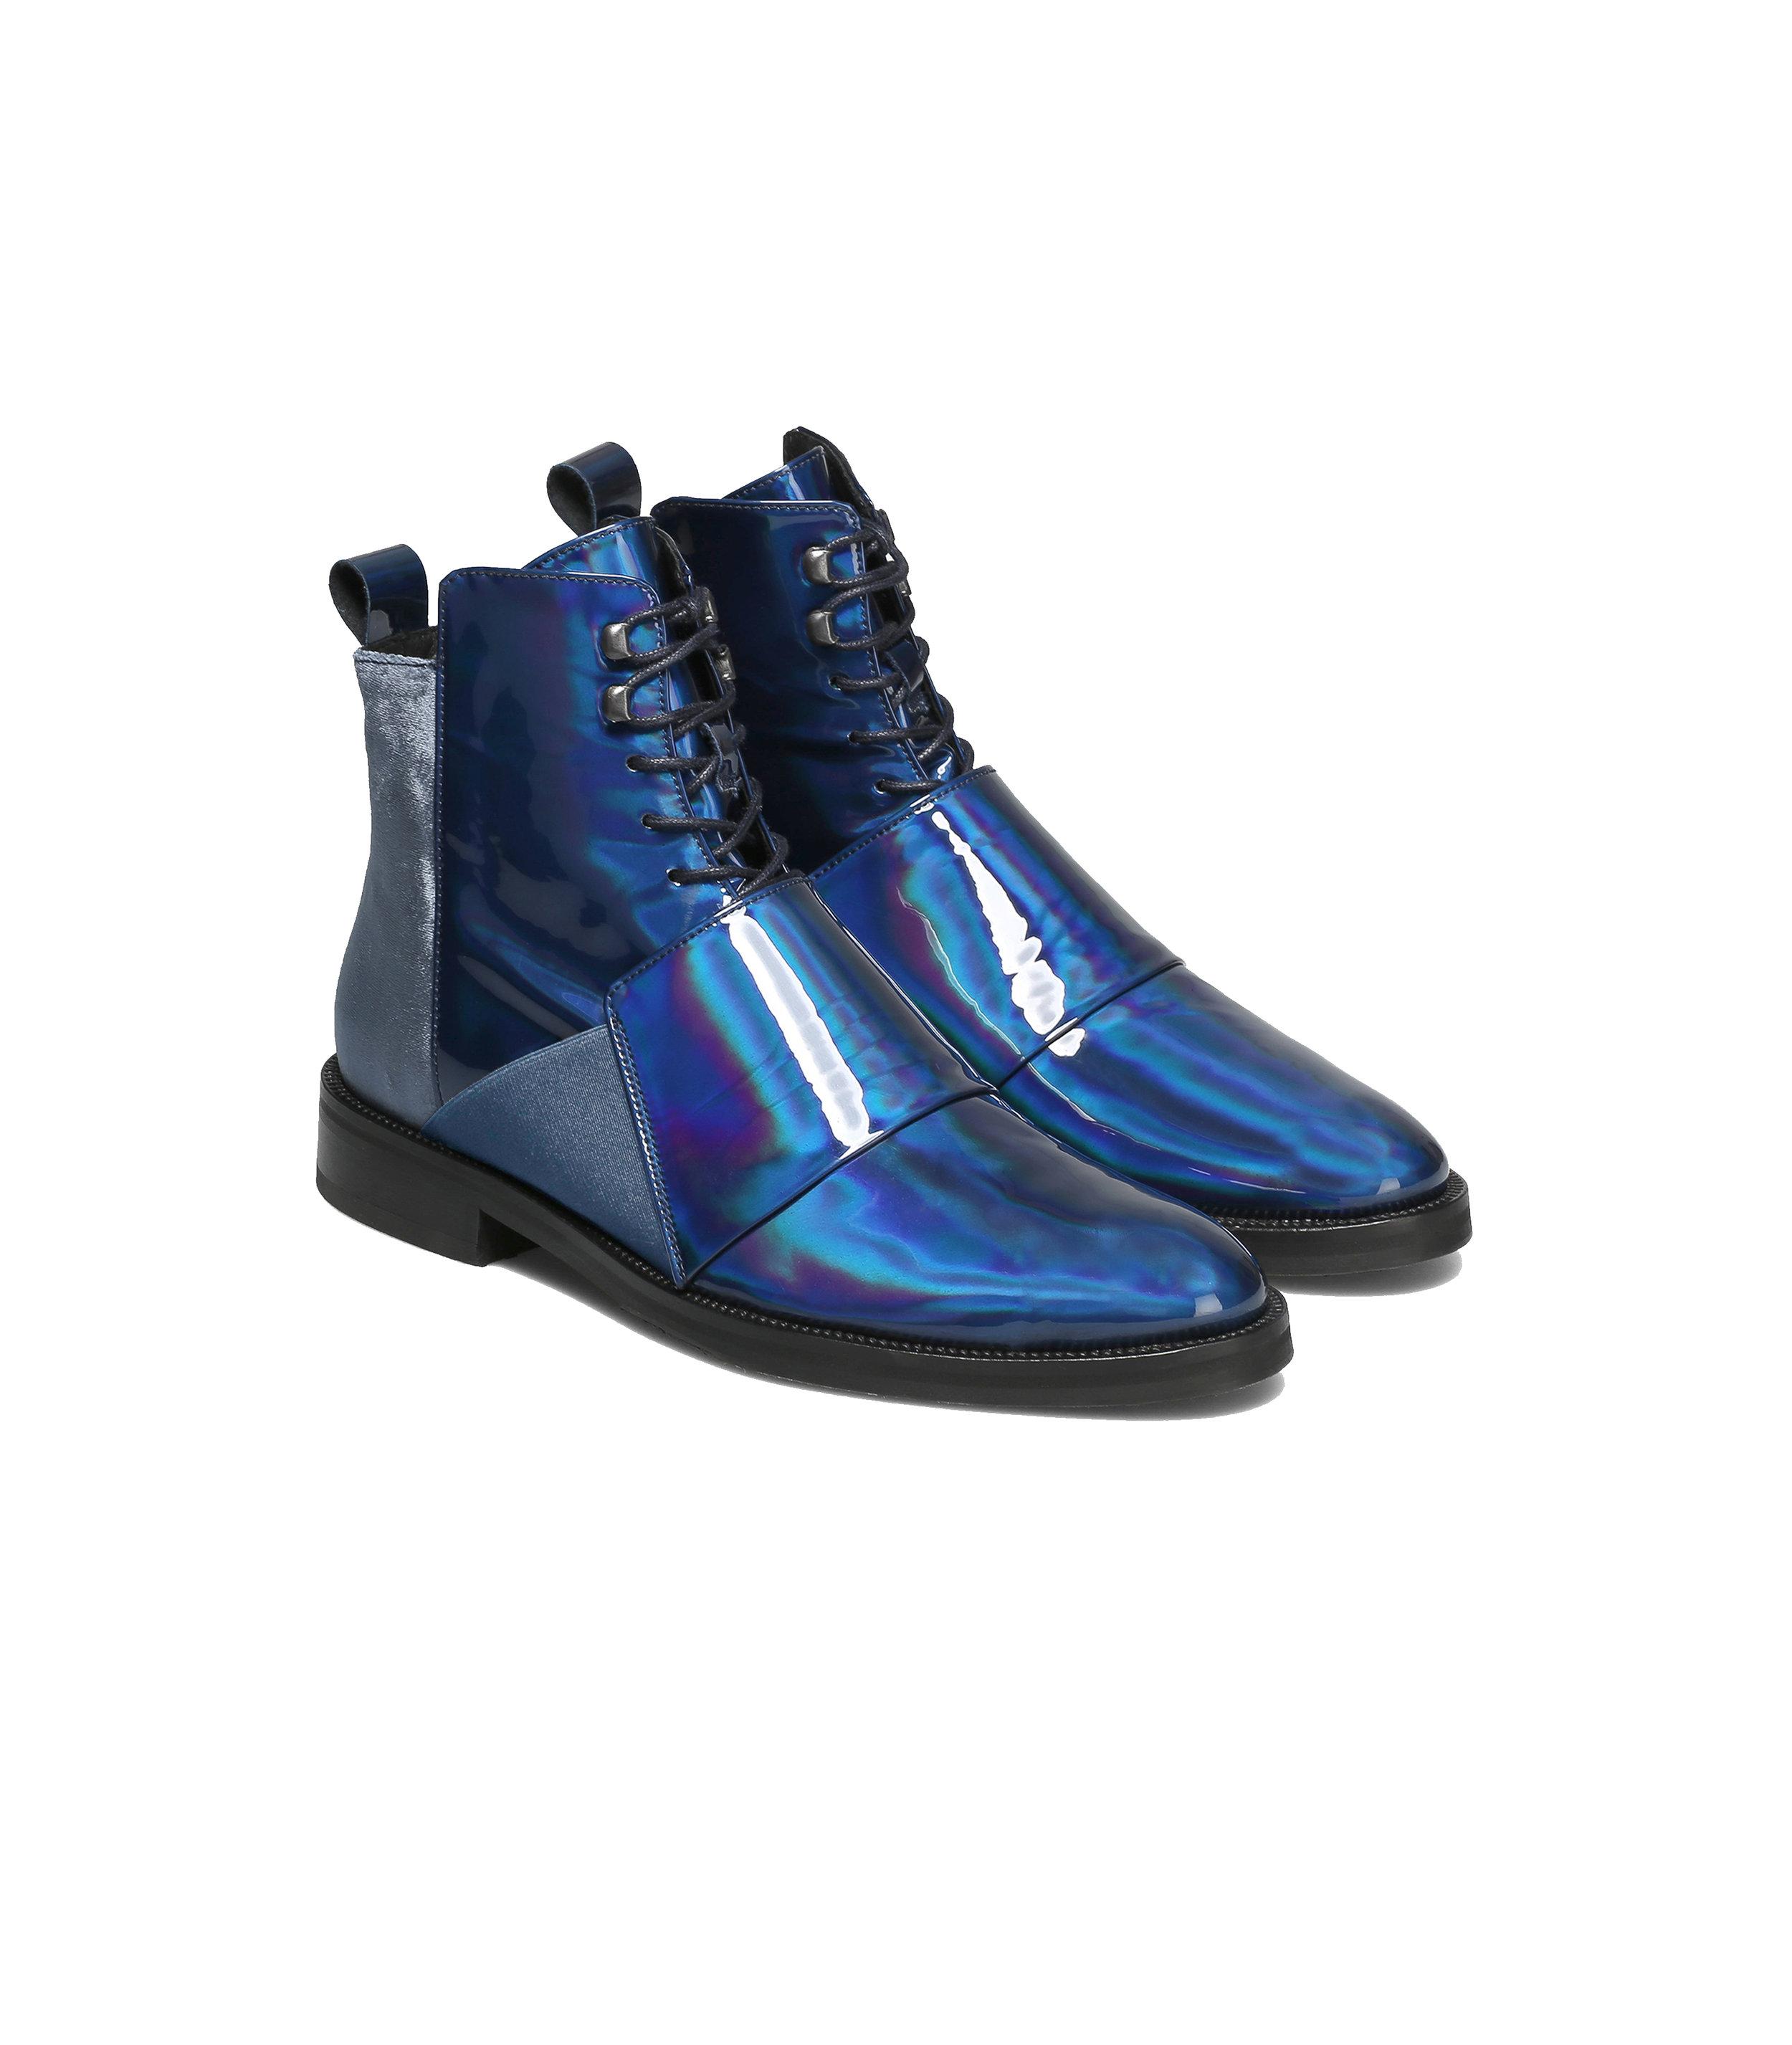 Blue vinyl Velvet boots  two available sizes 43 / 44 Original Price 249€ | Discount Price 84€ Ref. LCFW17HSo2  *Available in also in black vinyl velvet